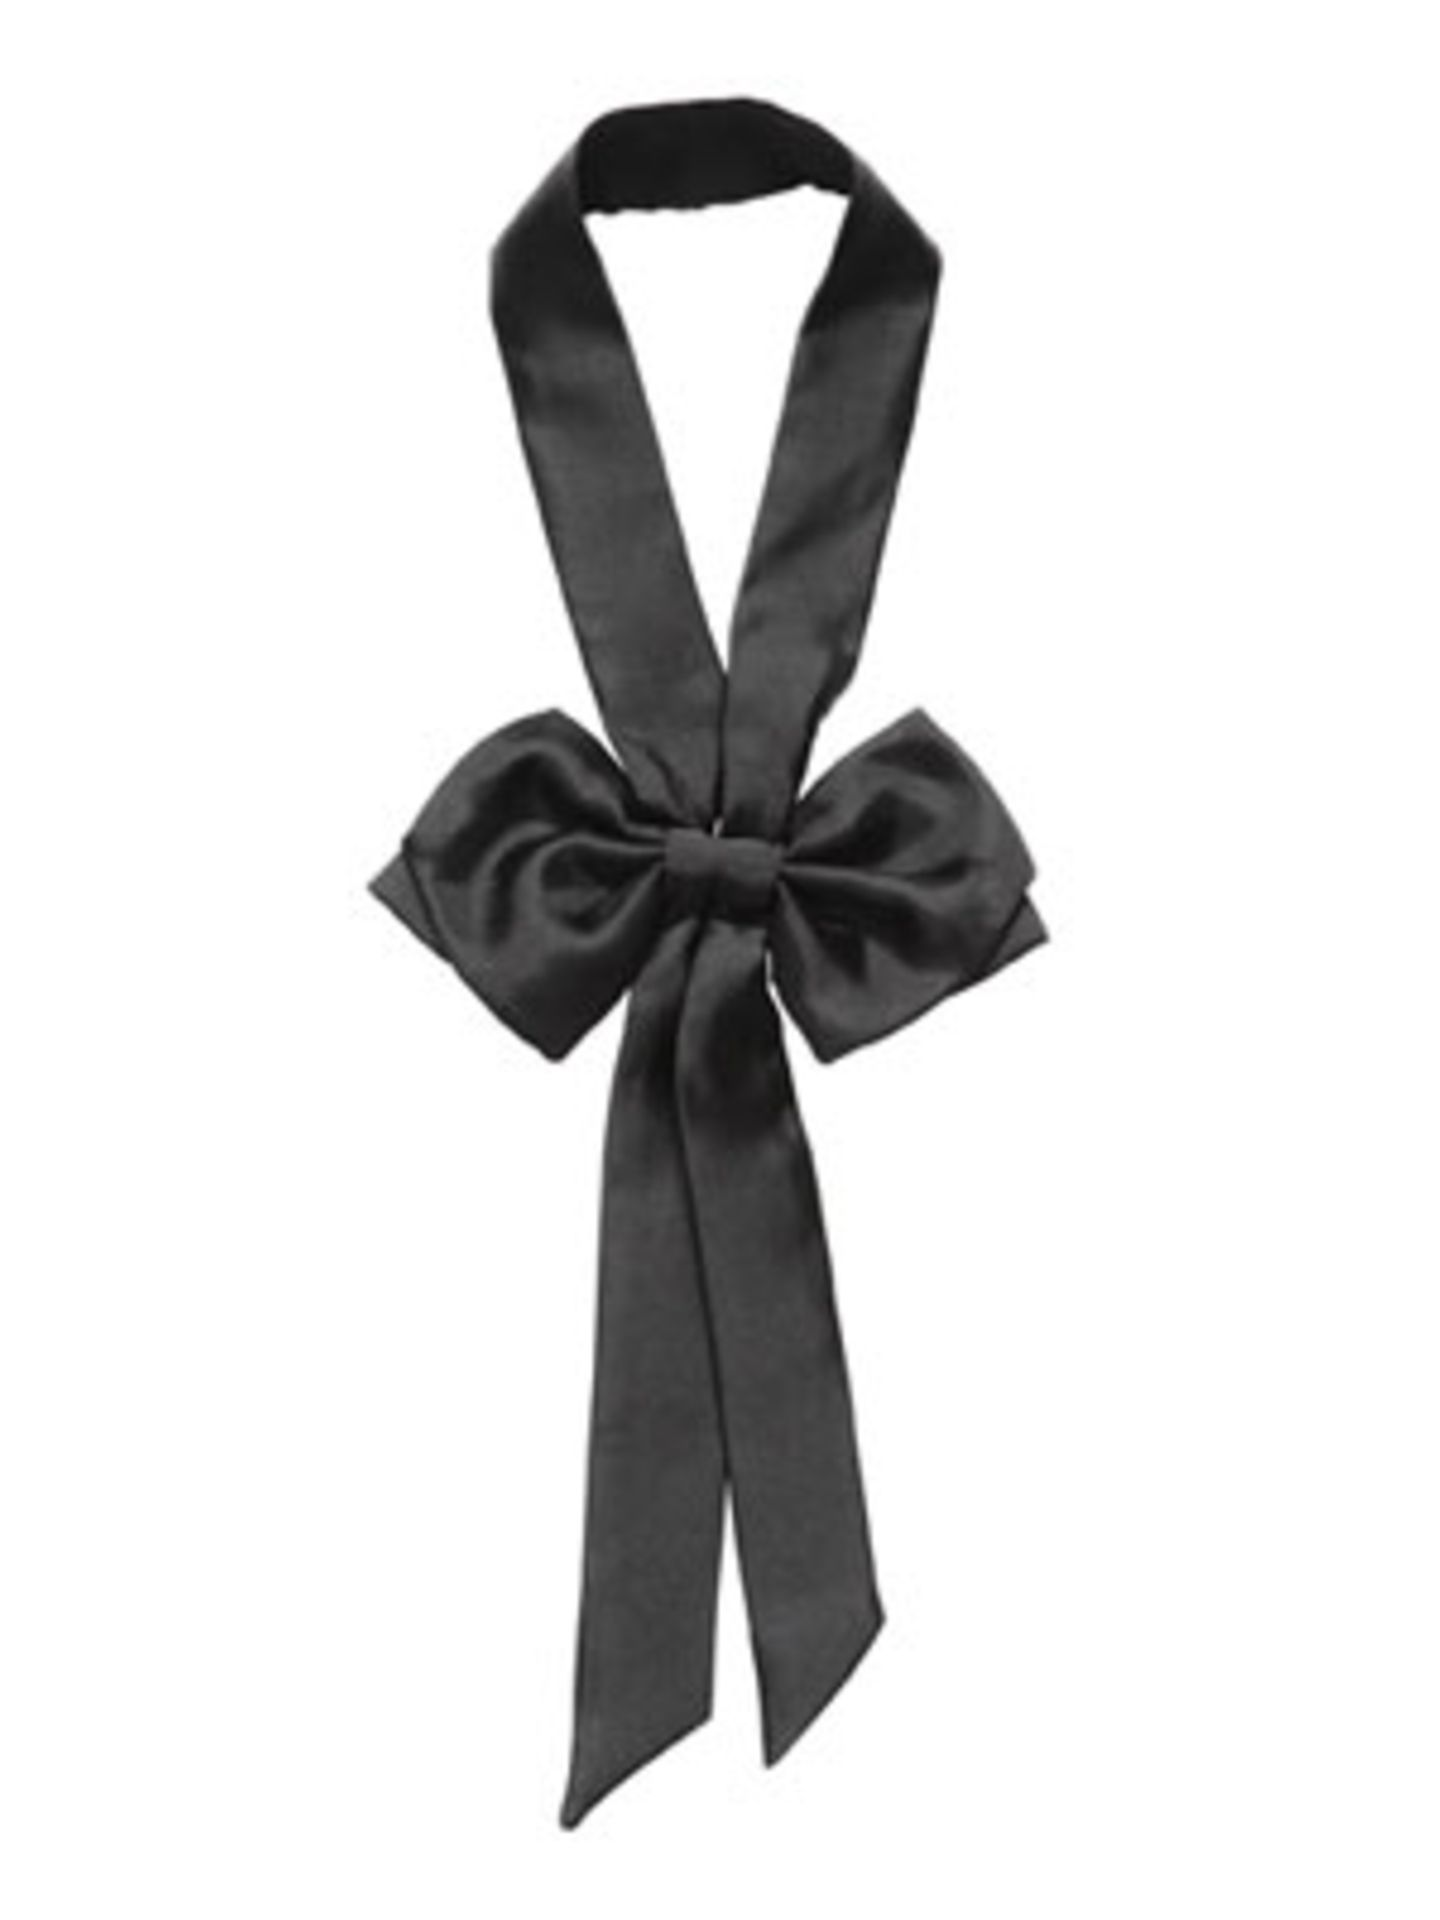 Lange Schwarze Seidenkette-Krawatte mit Schleife von H&M, um 6 Euro.